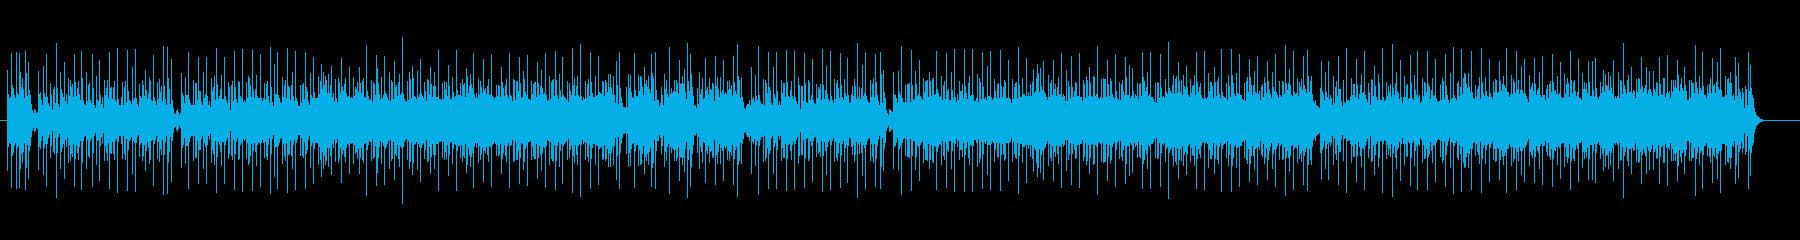 ラテン系ギター・フュージョンの再生済みの波形